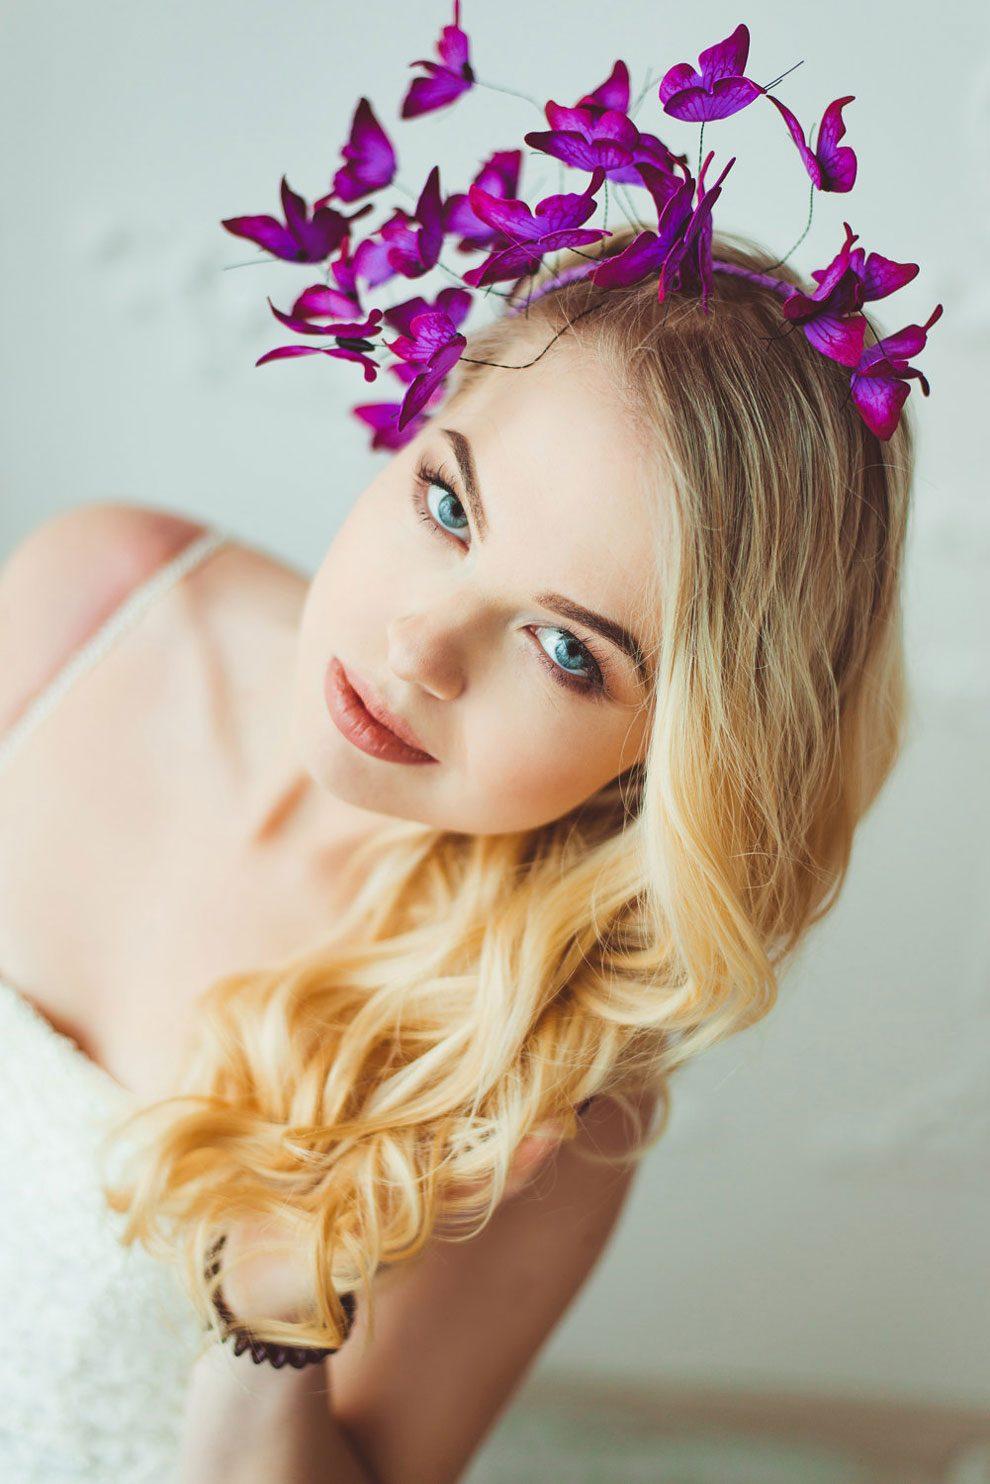 accessori-capelli-cerchietti-farfalle-fatti-a-mano-eten-iren-14